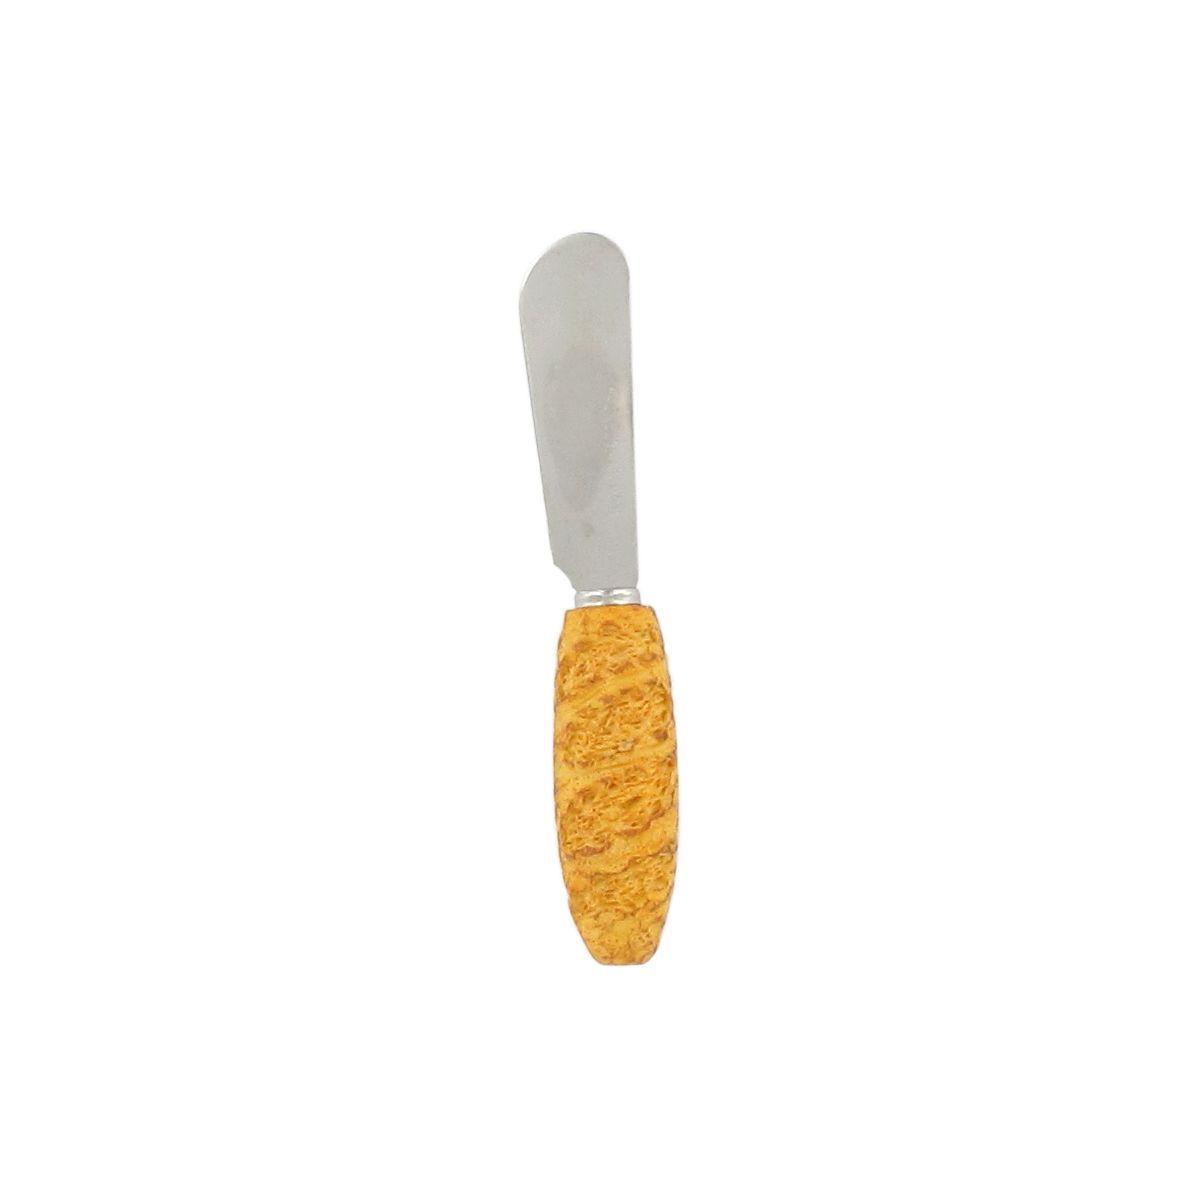 couteau beurre 39 funny kitchen 39 achat vente couteau de cuisine couteau beurre funny. Black Bedroom Furniture Sets. Home Design Ideas